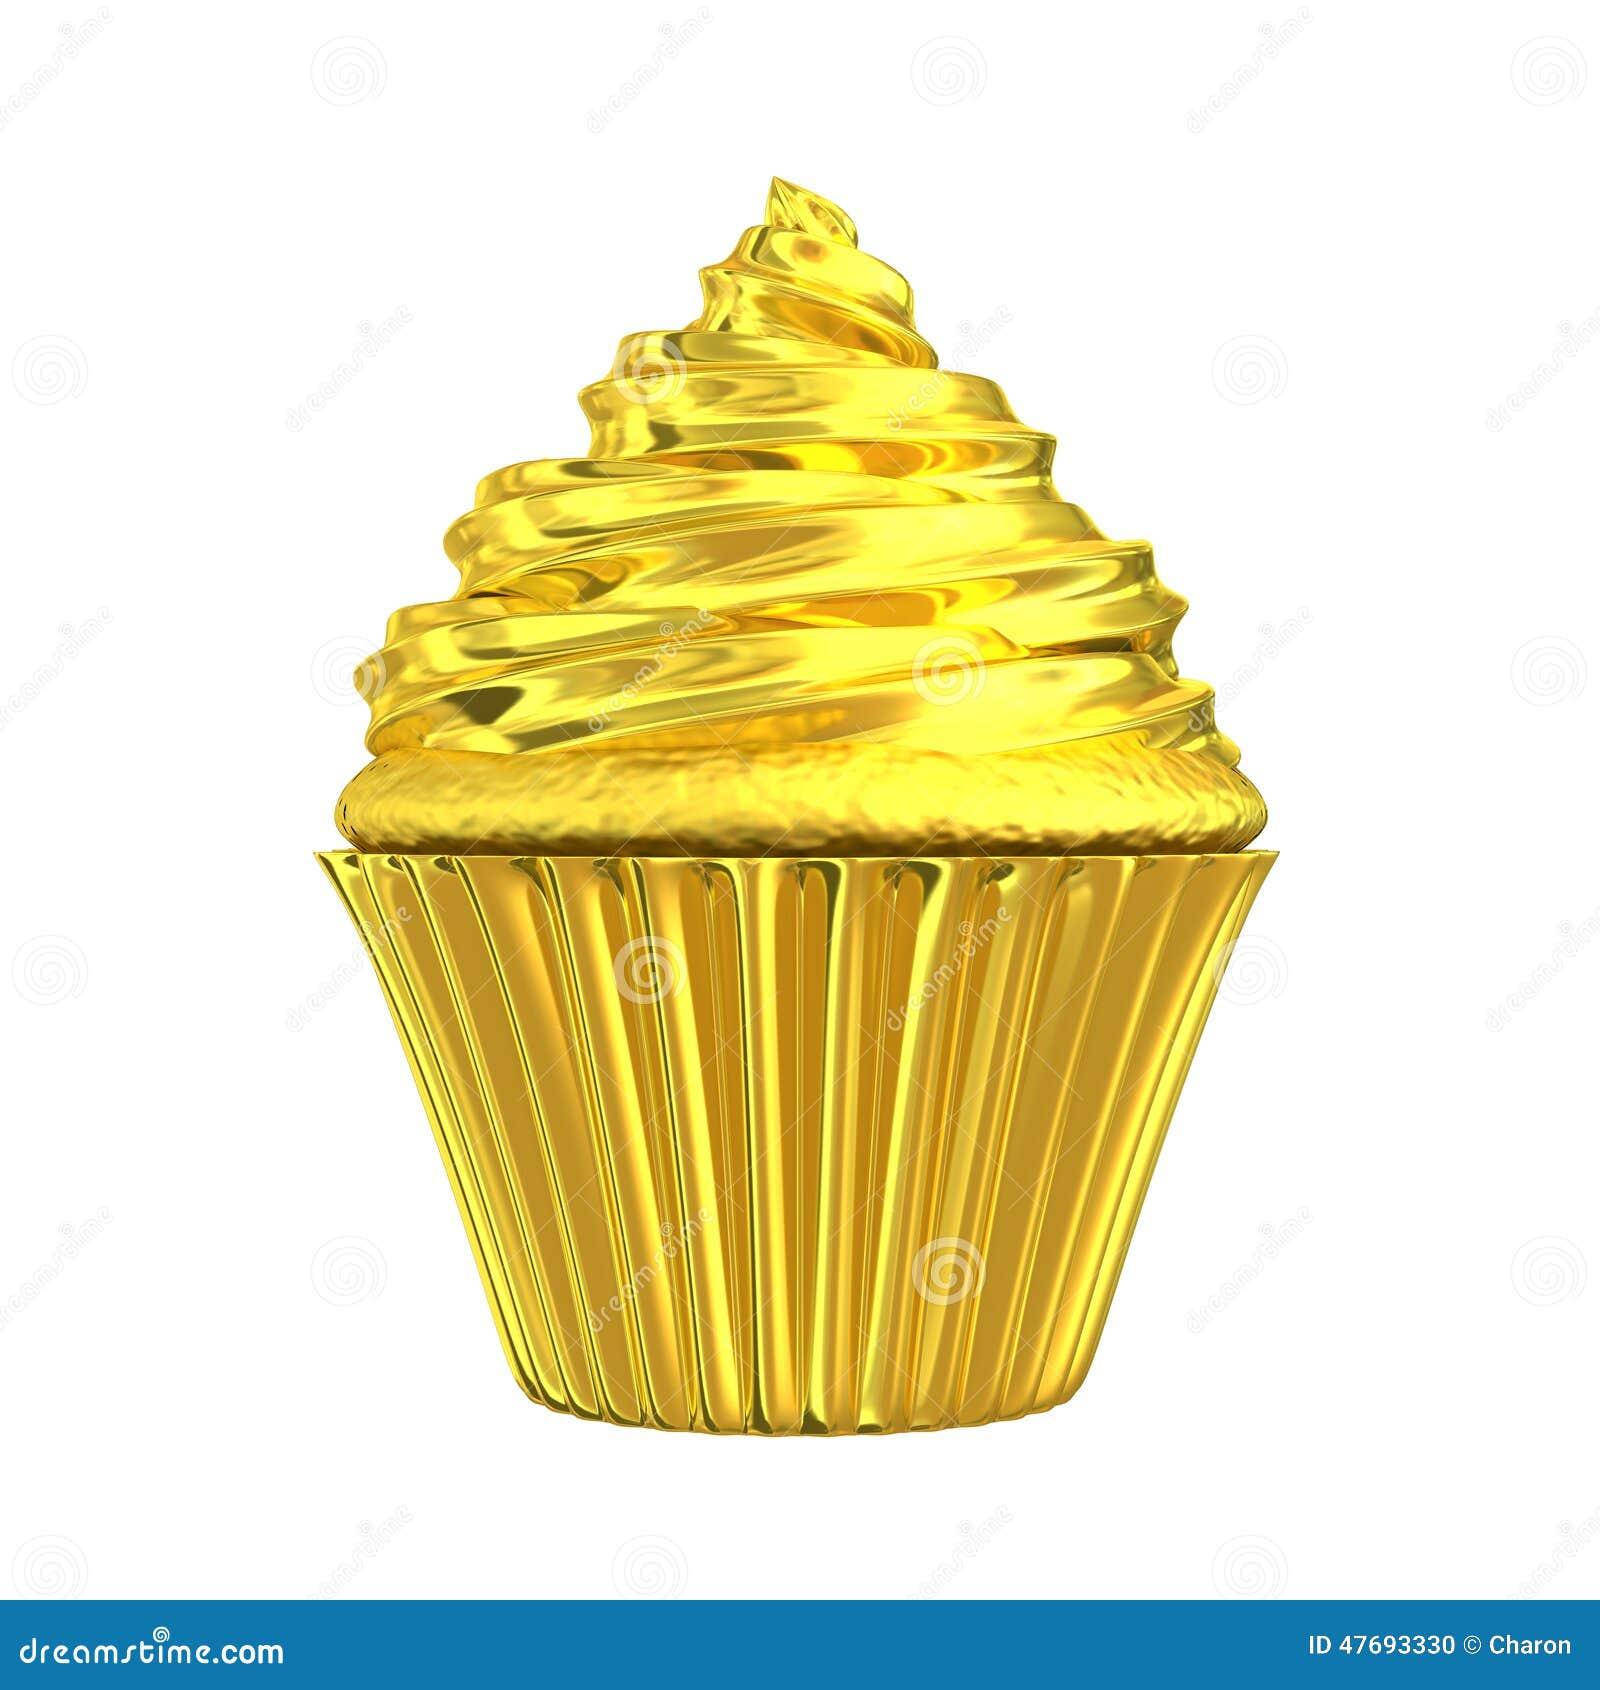 Cake Decorating Shiny Icing : Cupcake Golden Shiny Gold Cake Stock Illustration - Image ...